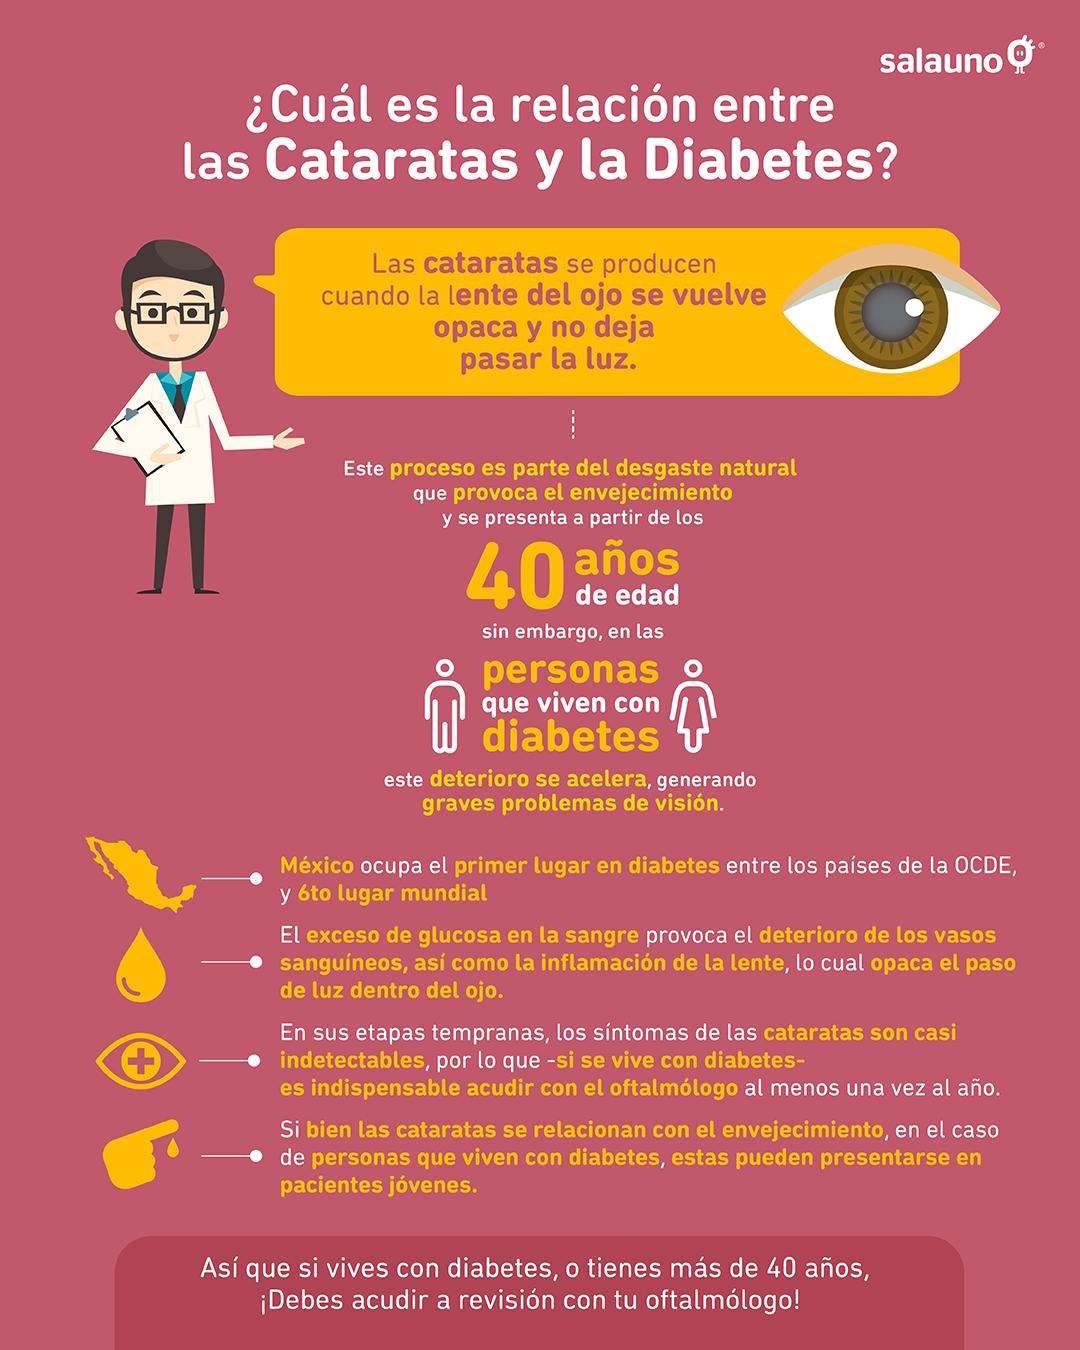 Relación cataratas y diabetes - Infografía